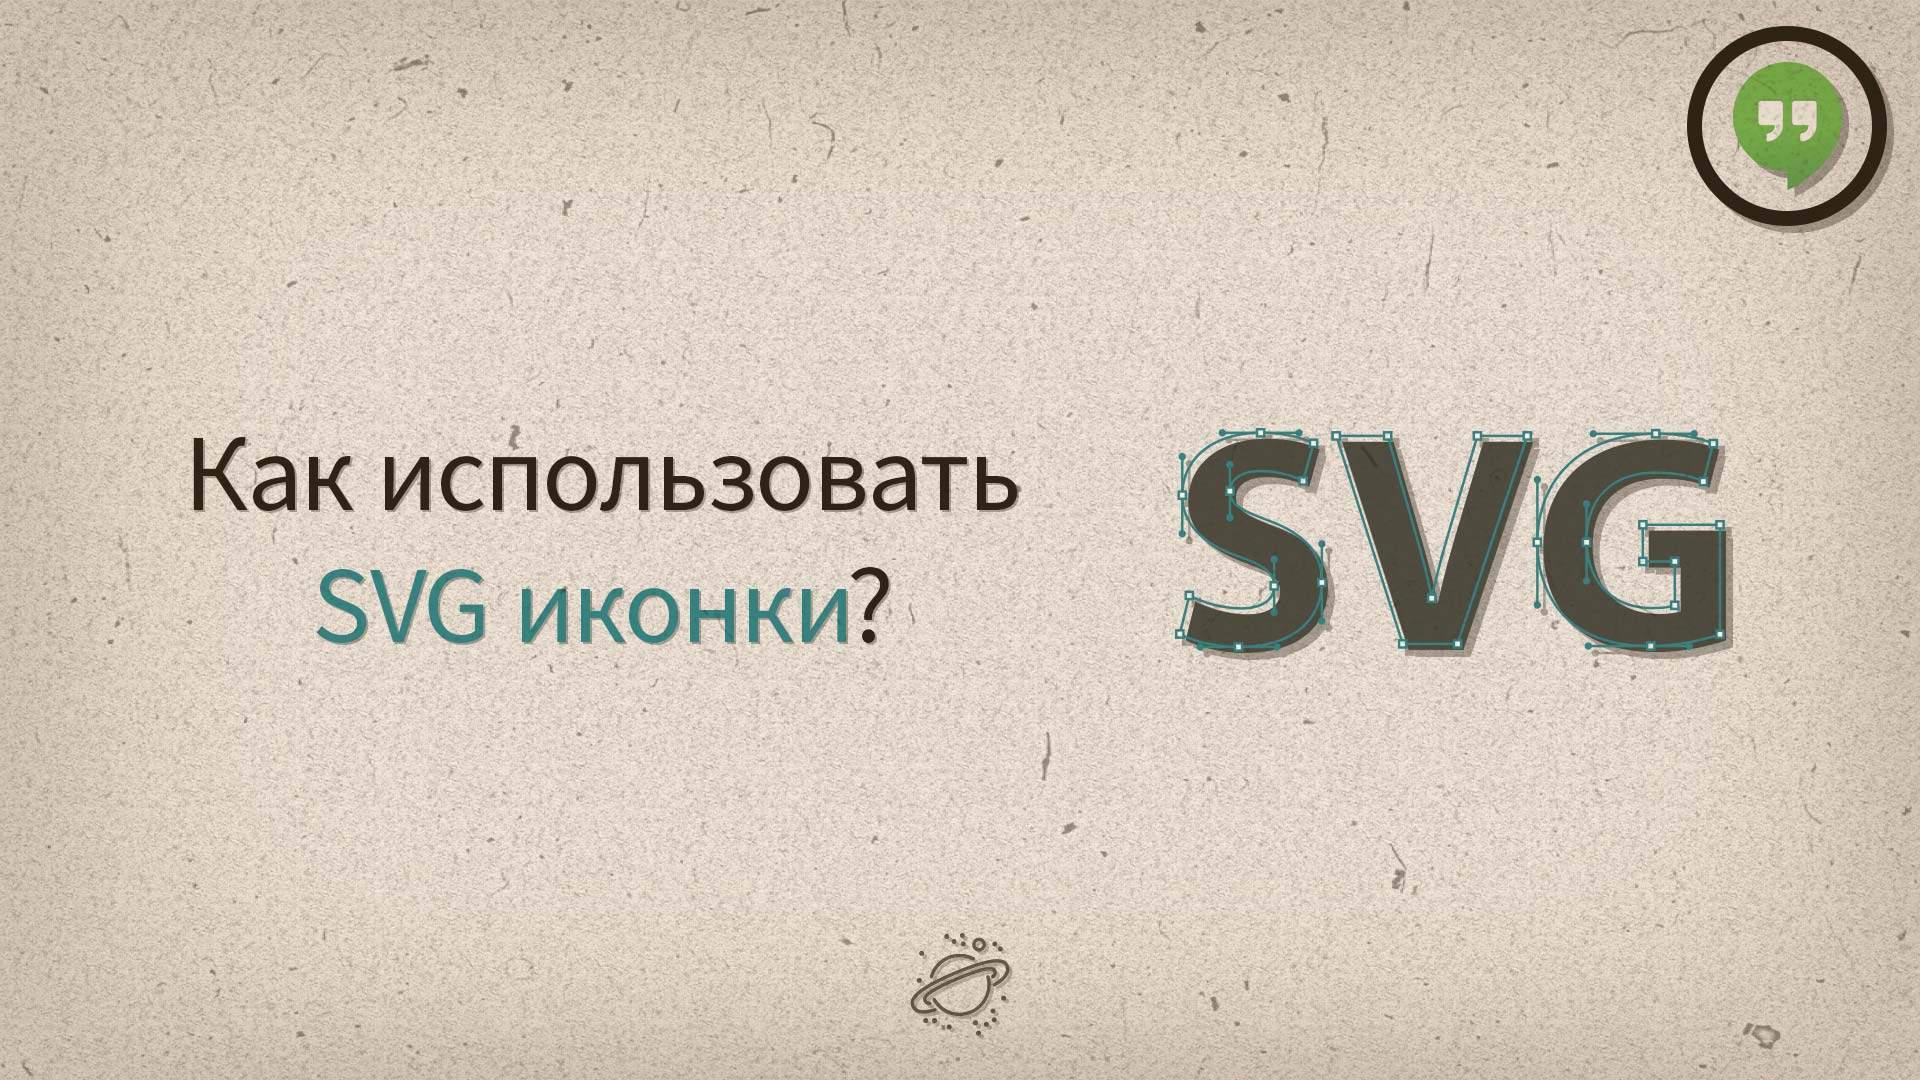 Как использовать SVG иконки?